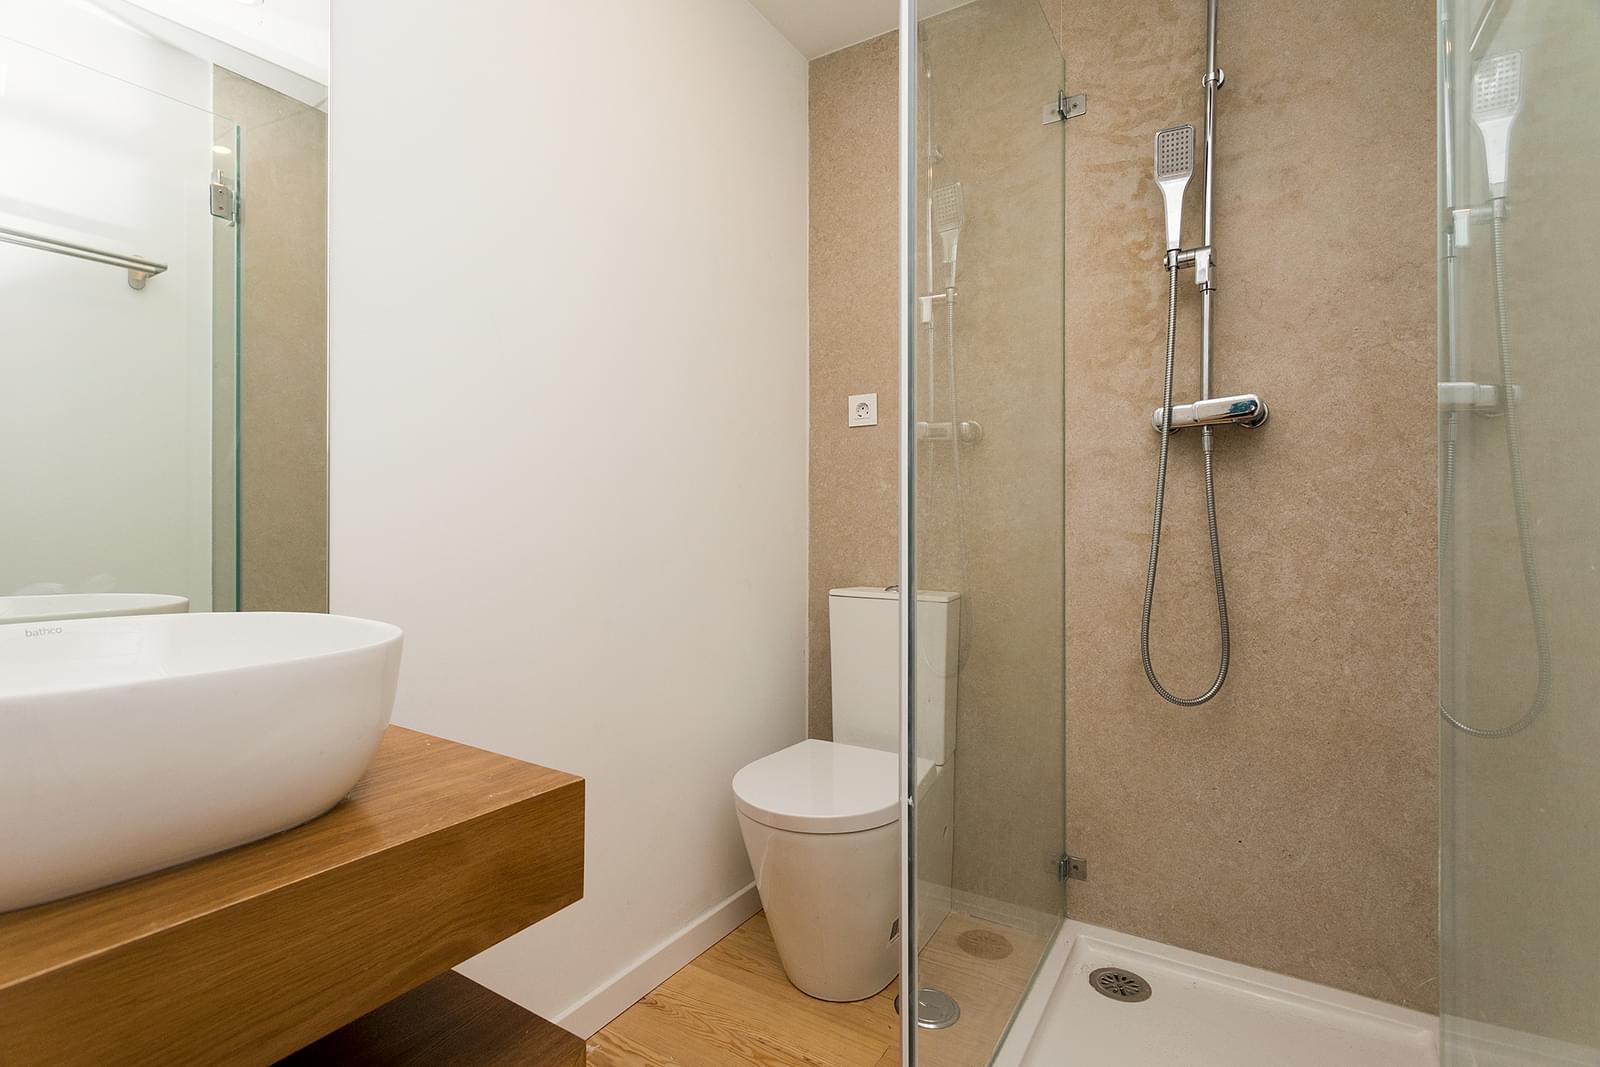 pf17273-apartamento-t2-lisboa-5297d2a2-d87a-4010-ab2d-107dda167804